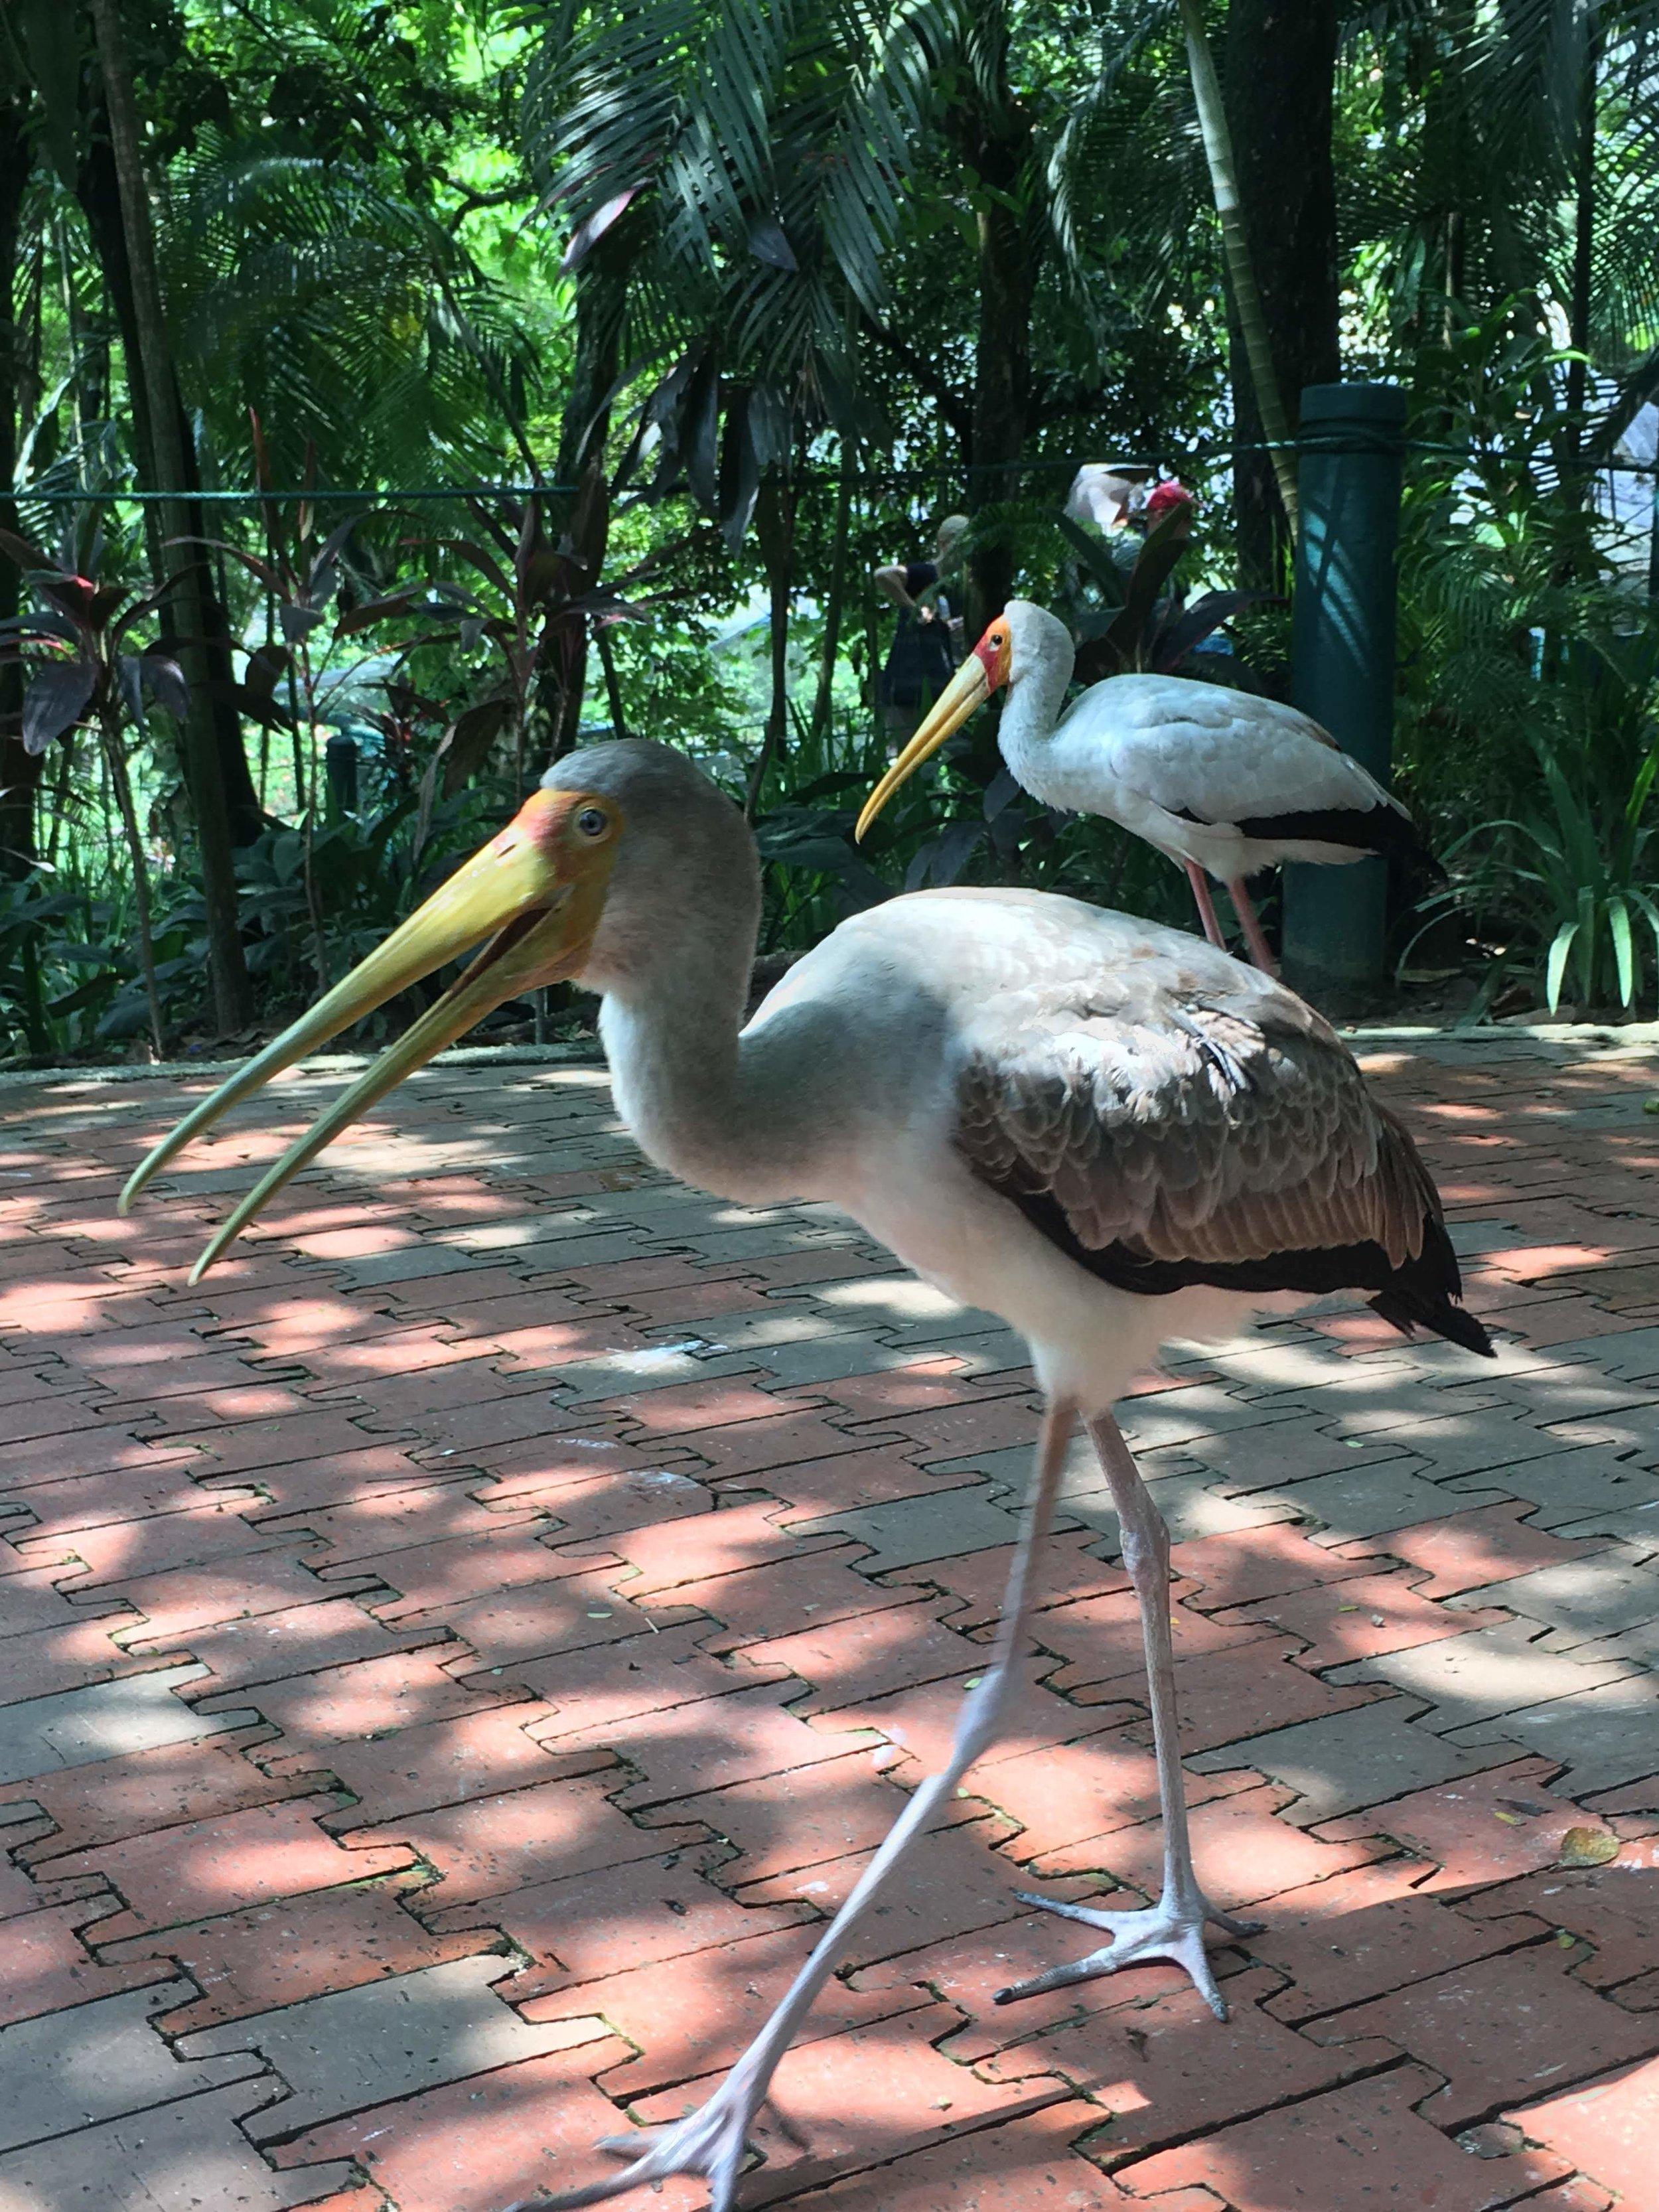 wild cranes at KL Bird Park, Malaysia